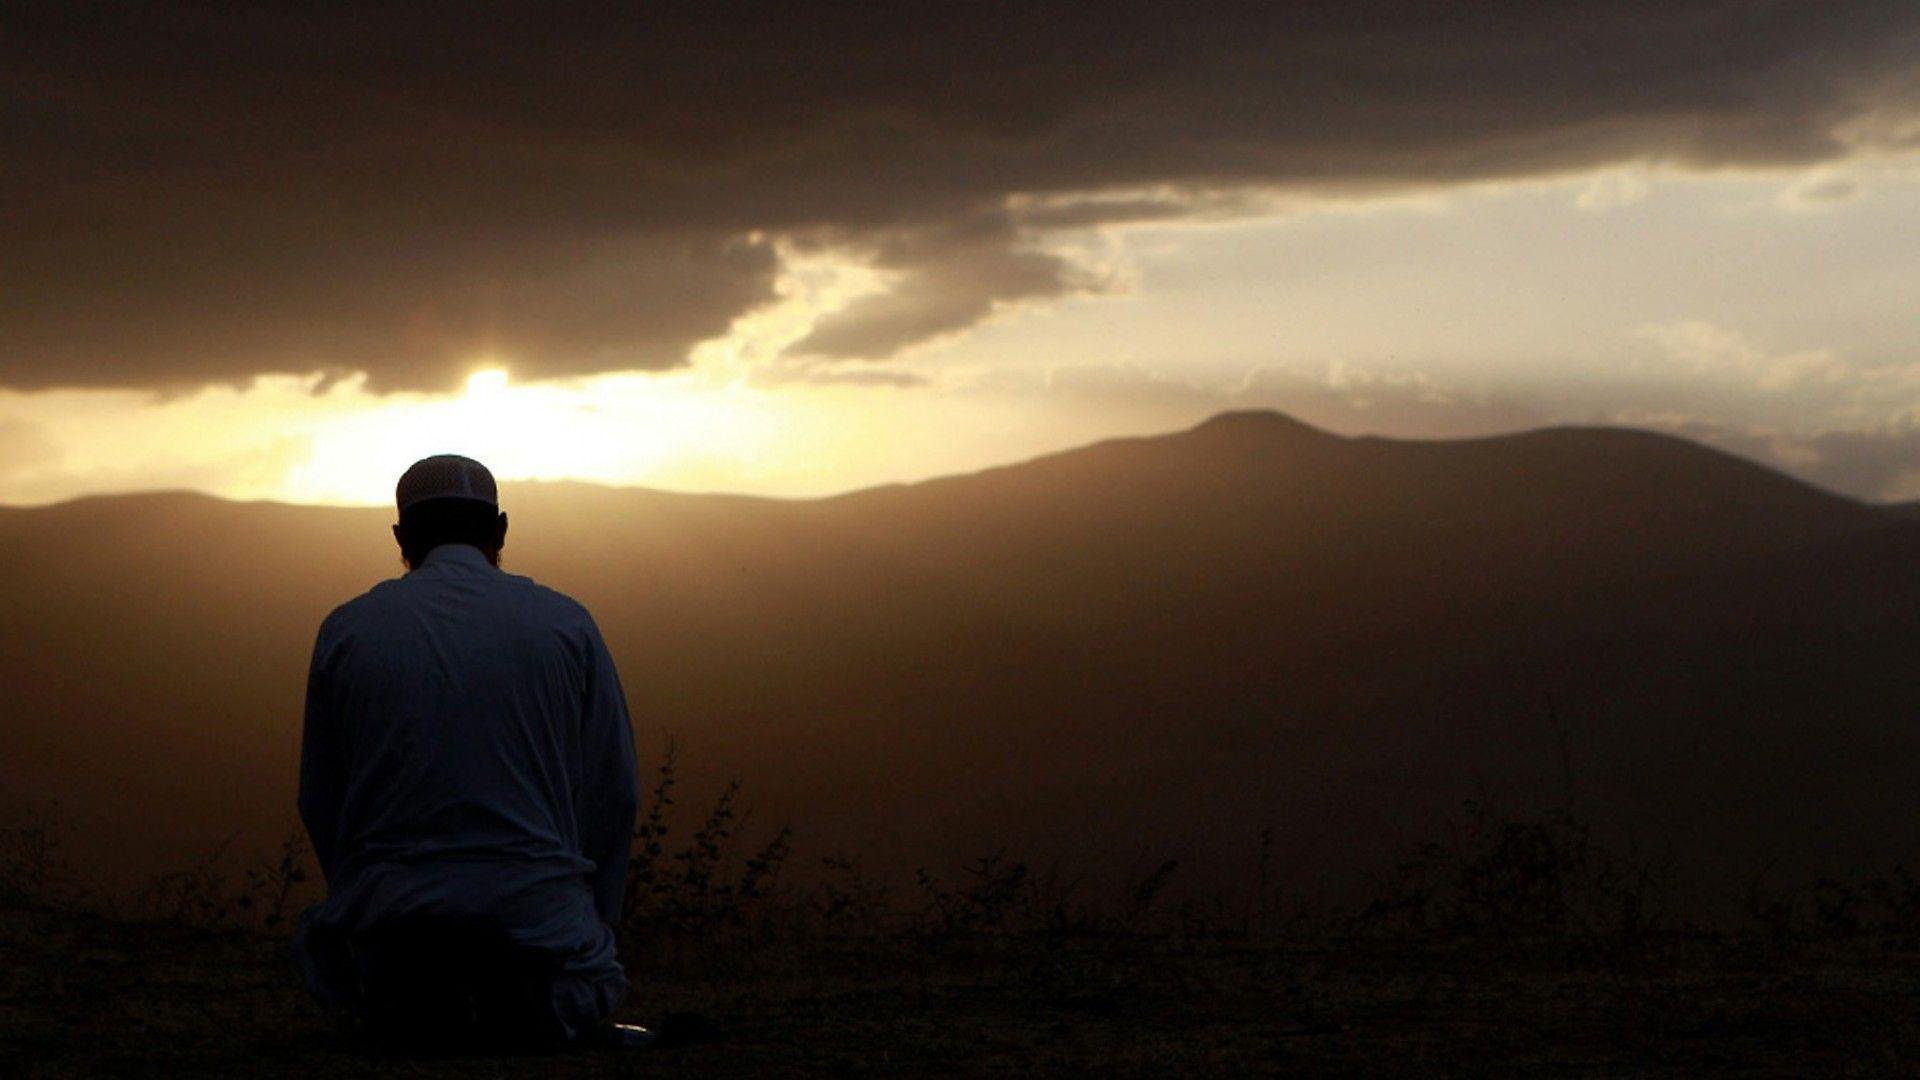 Muslim Praying Wallpapers - Top Free Muslim Praying Backgrounds ...